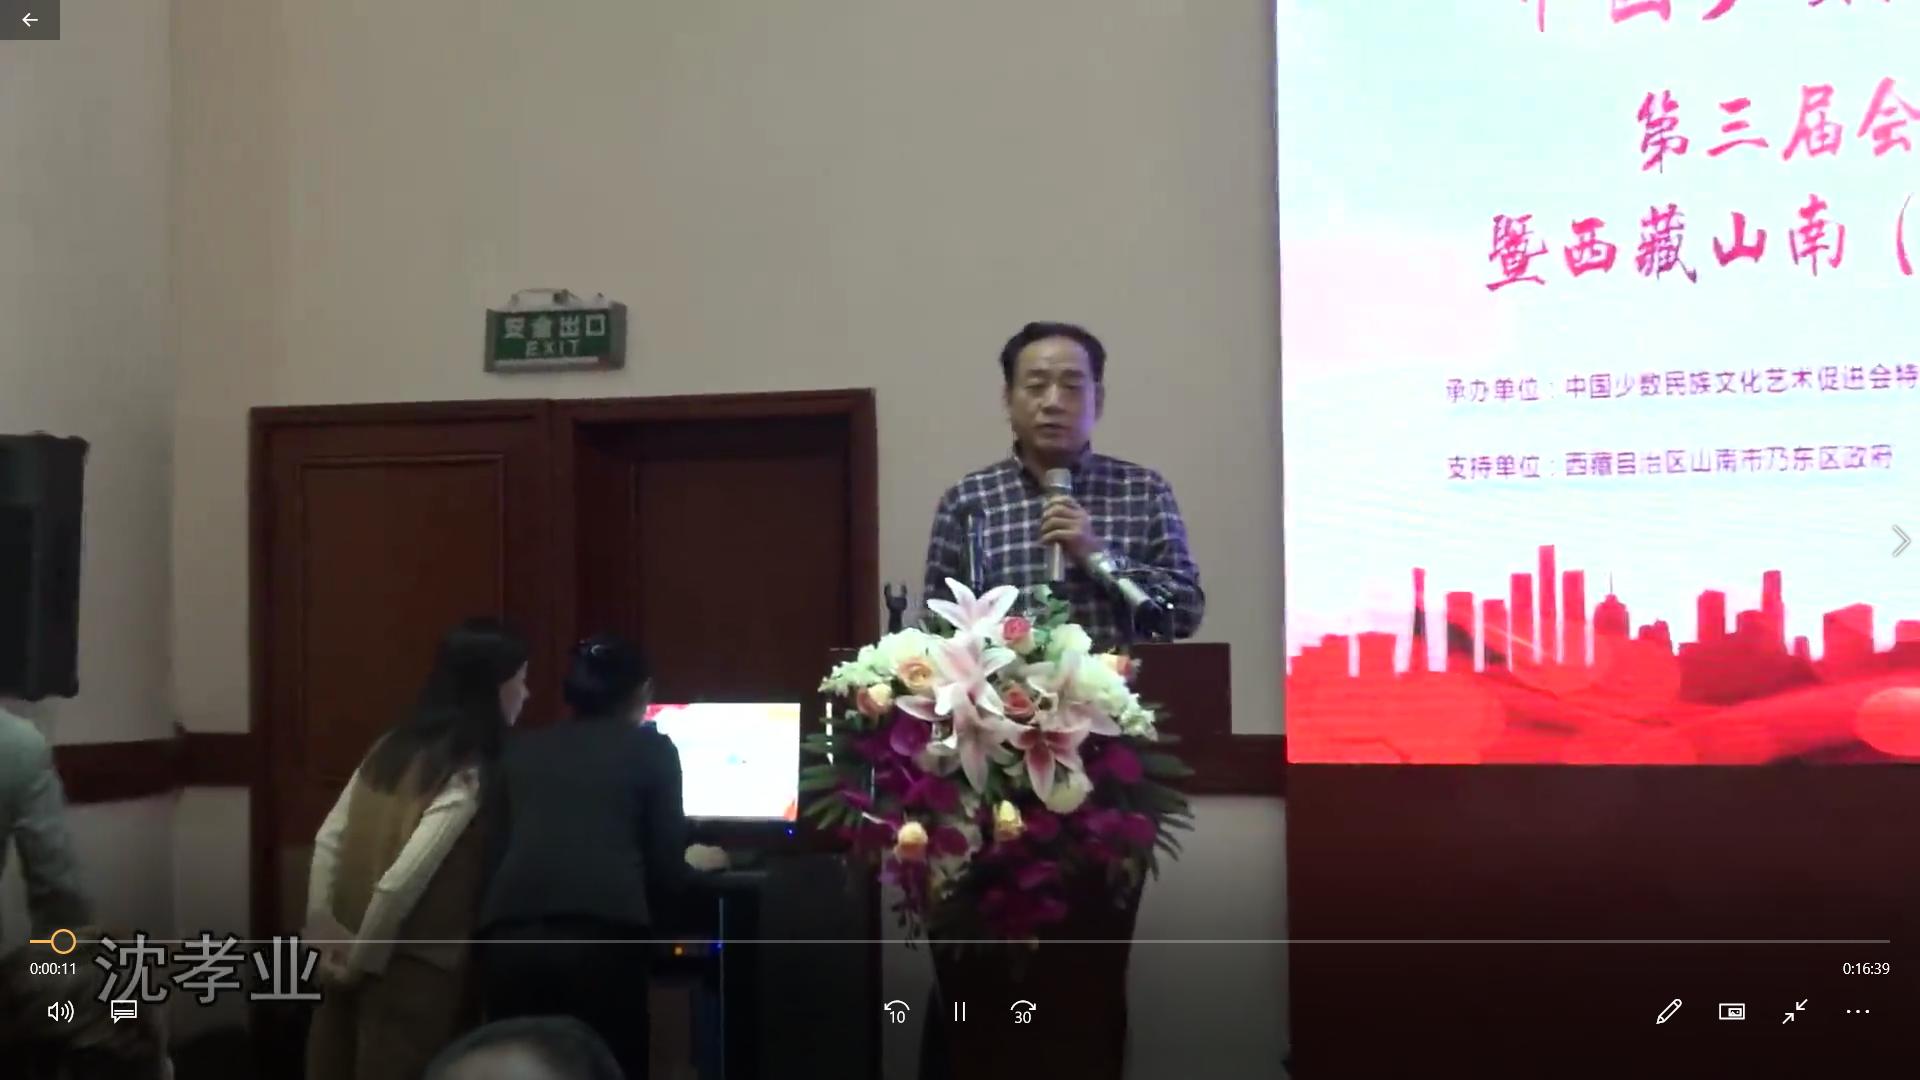 山東樂化集團董事長沈孝業在中國少數民族文化藝術促進會講話